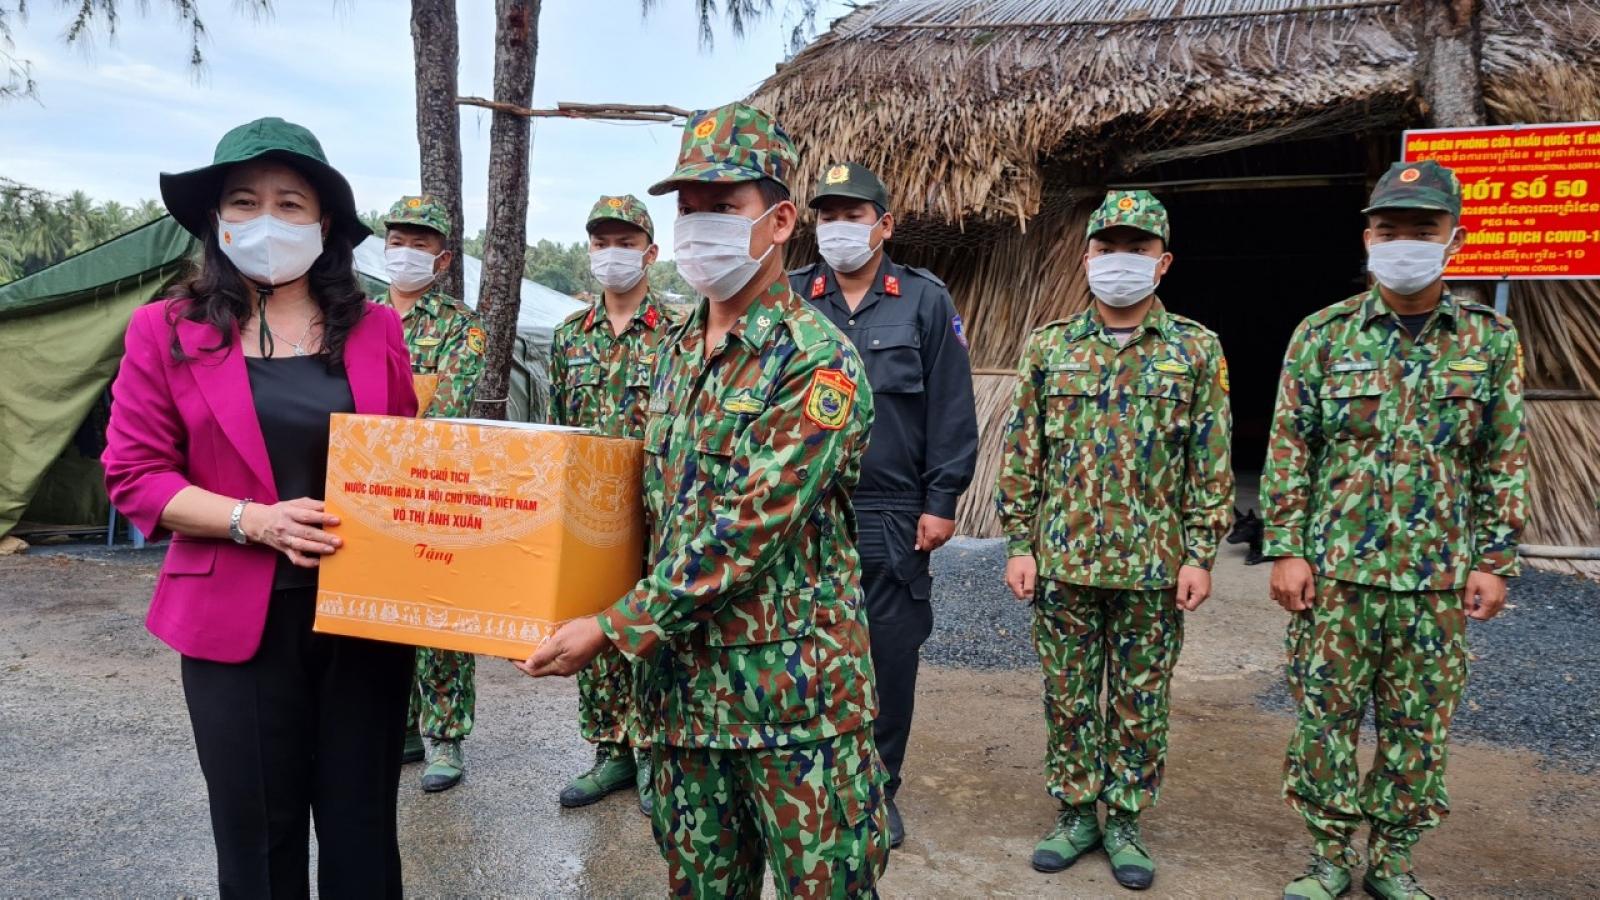 Phó Chủ tịch nước làm việc tại Kiên Giang về công tác phòng, chống Covid-19